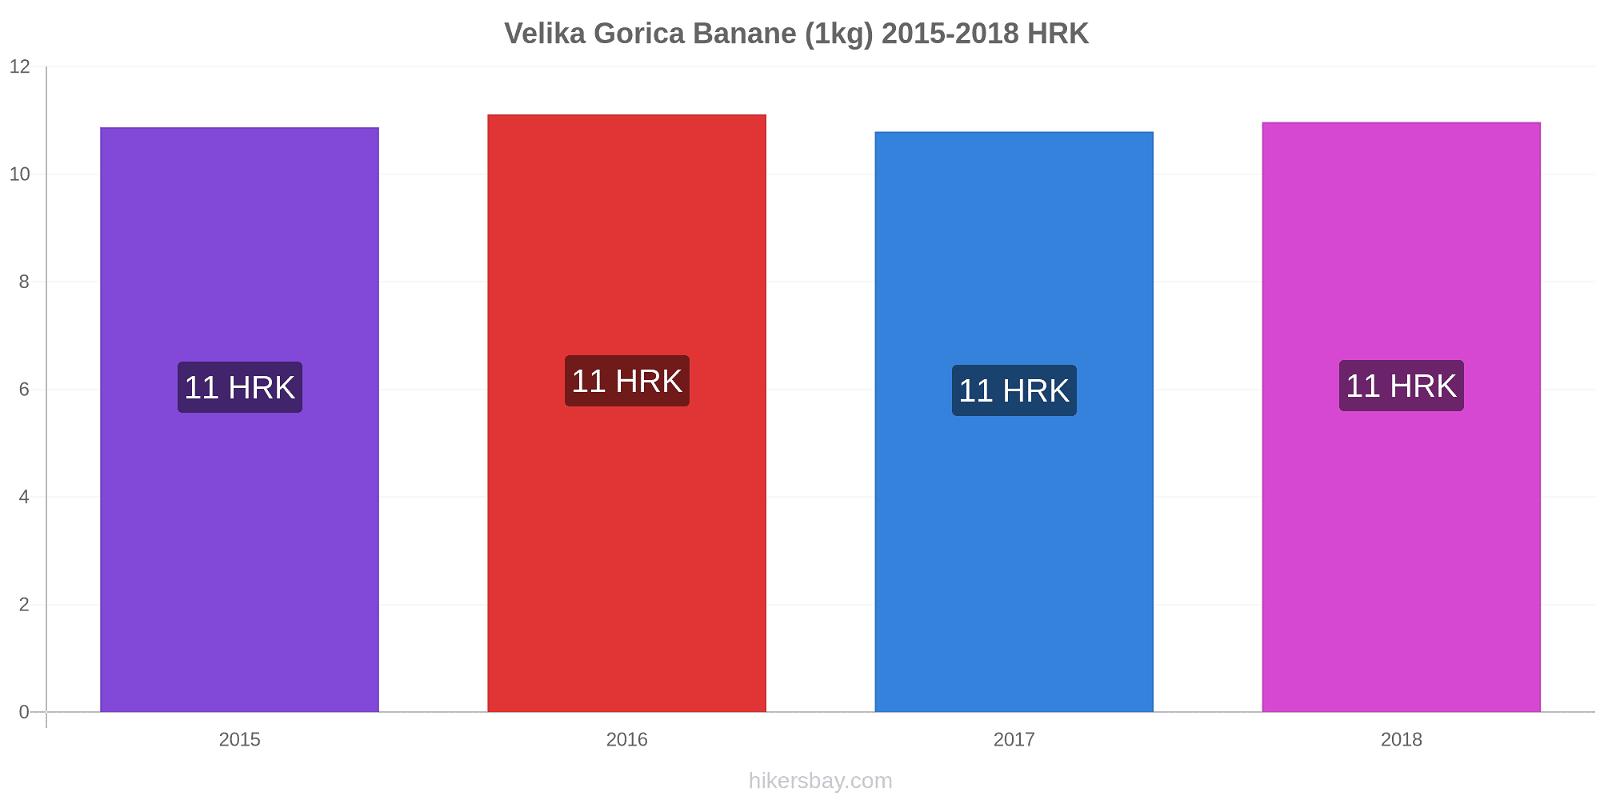 Velika Gorica Preisänderungen Banane (1kg) hikersbay.com